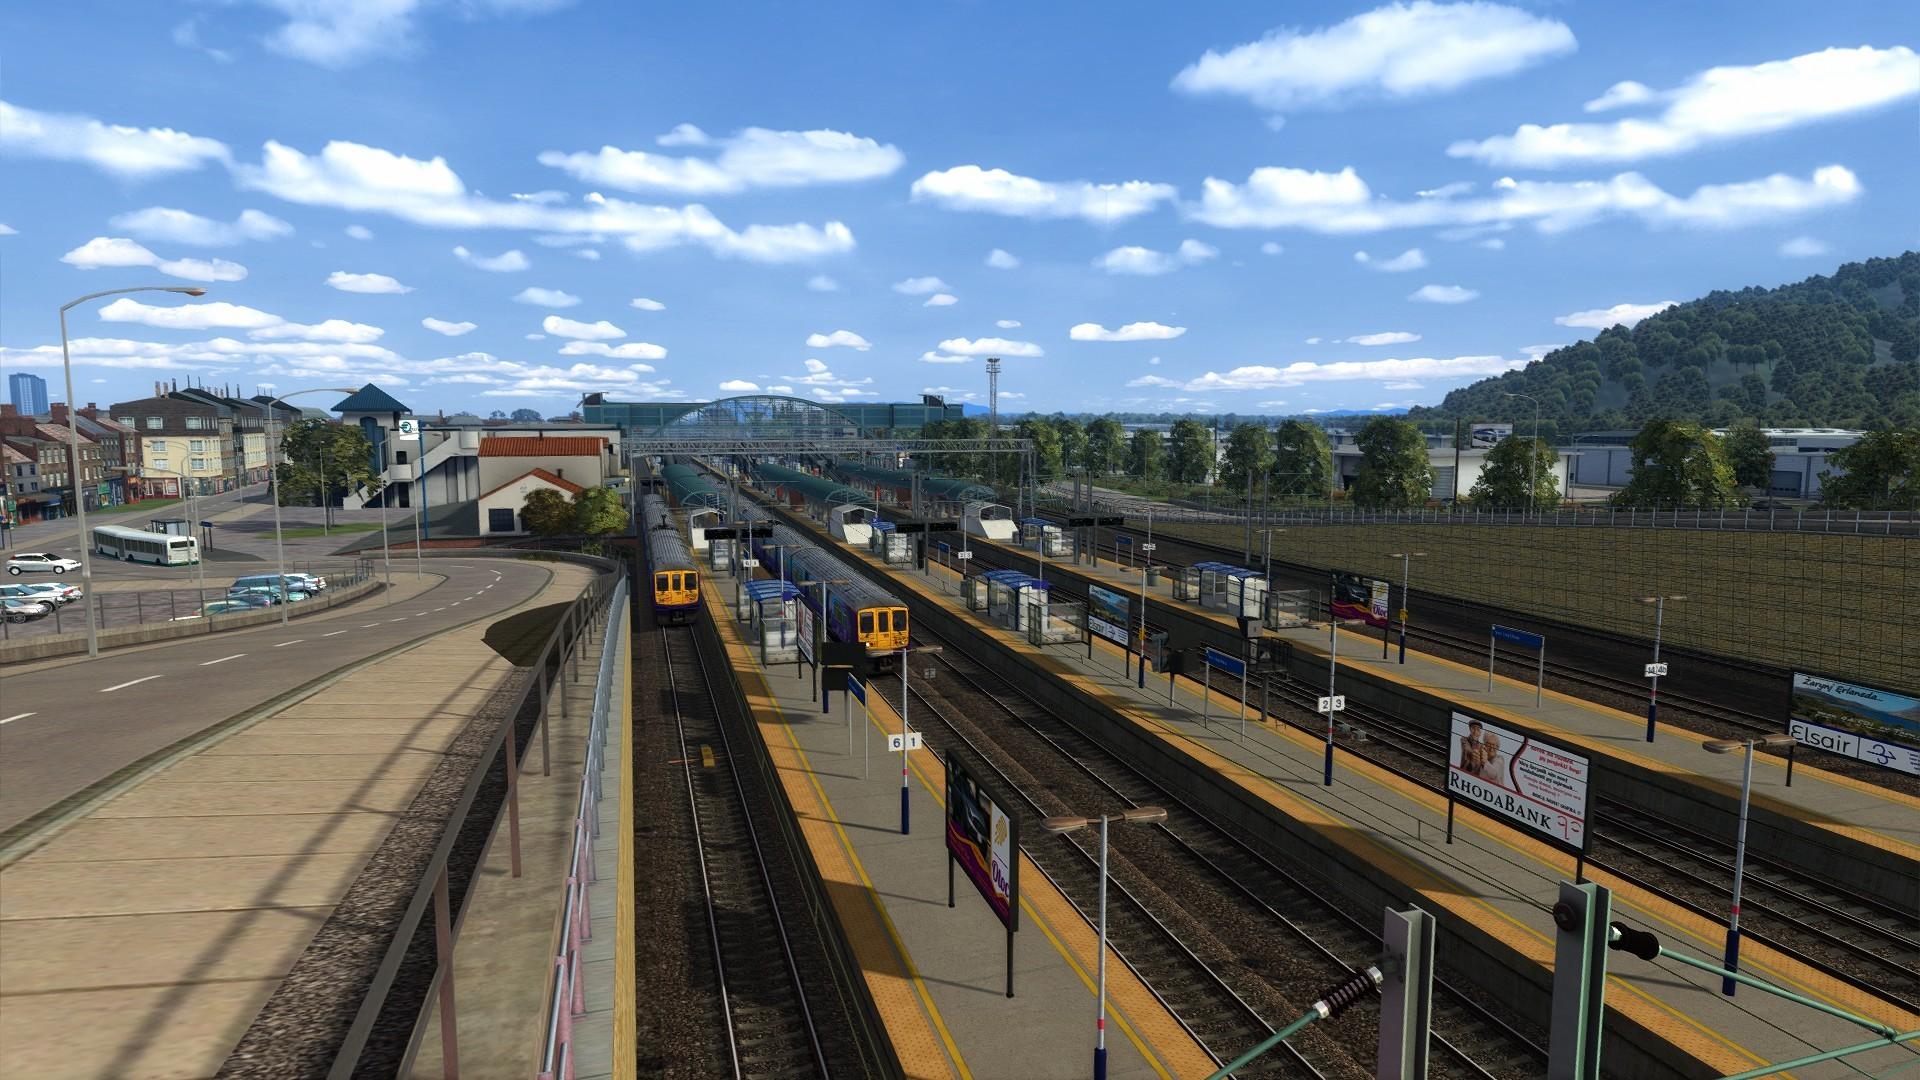 Serinathea railway station